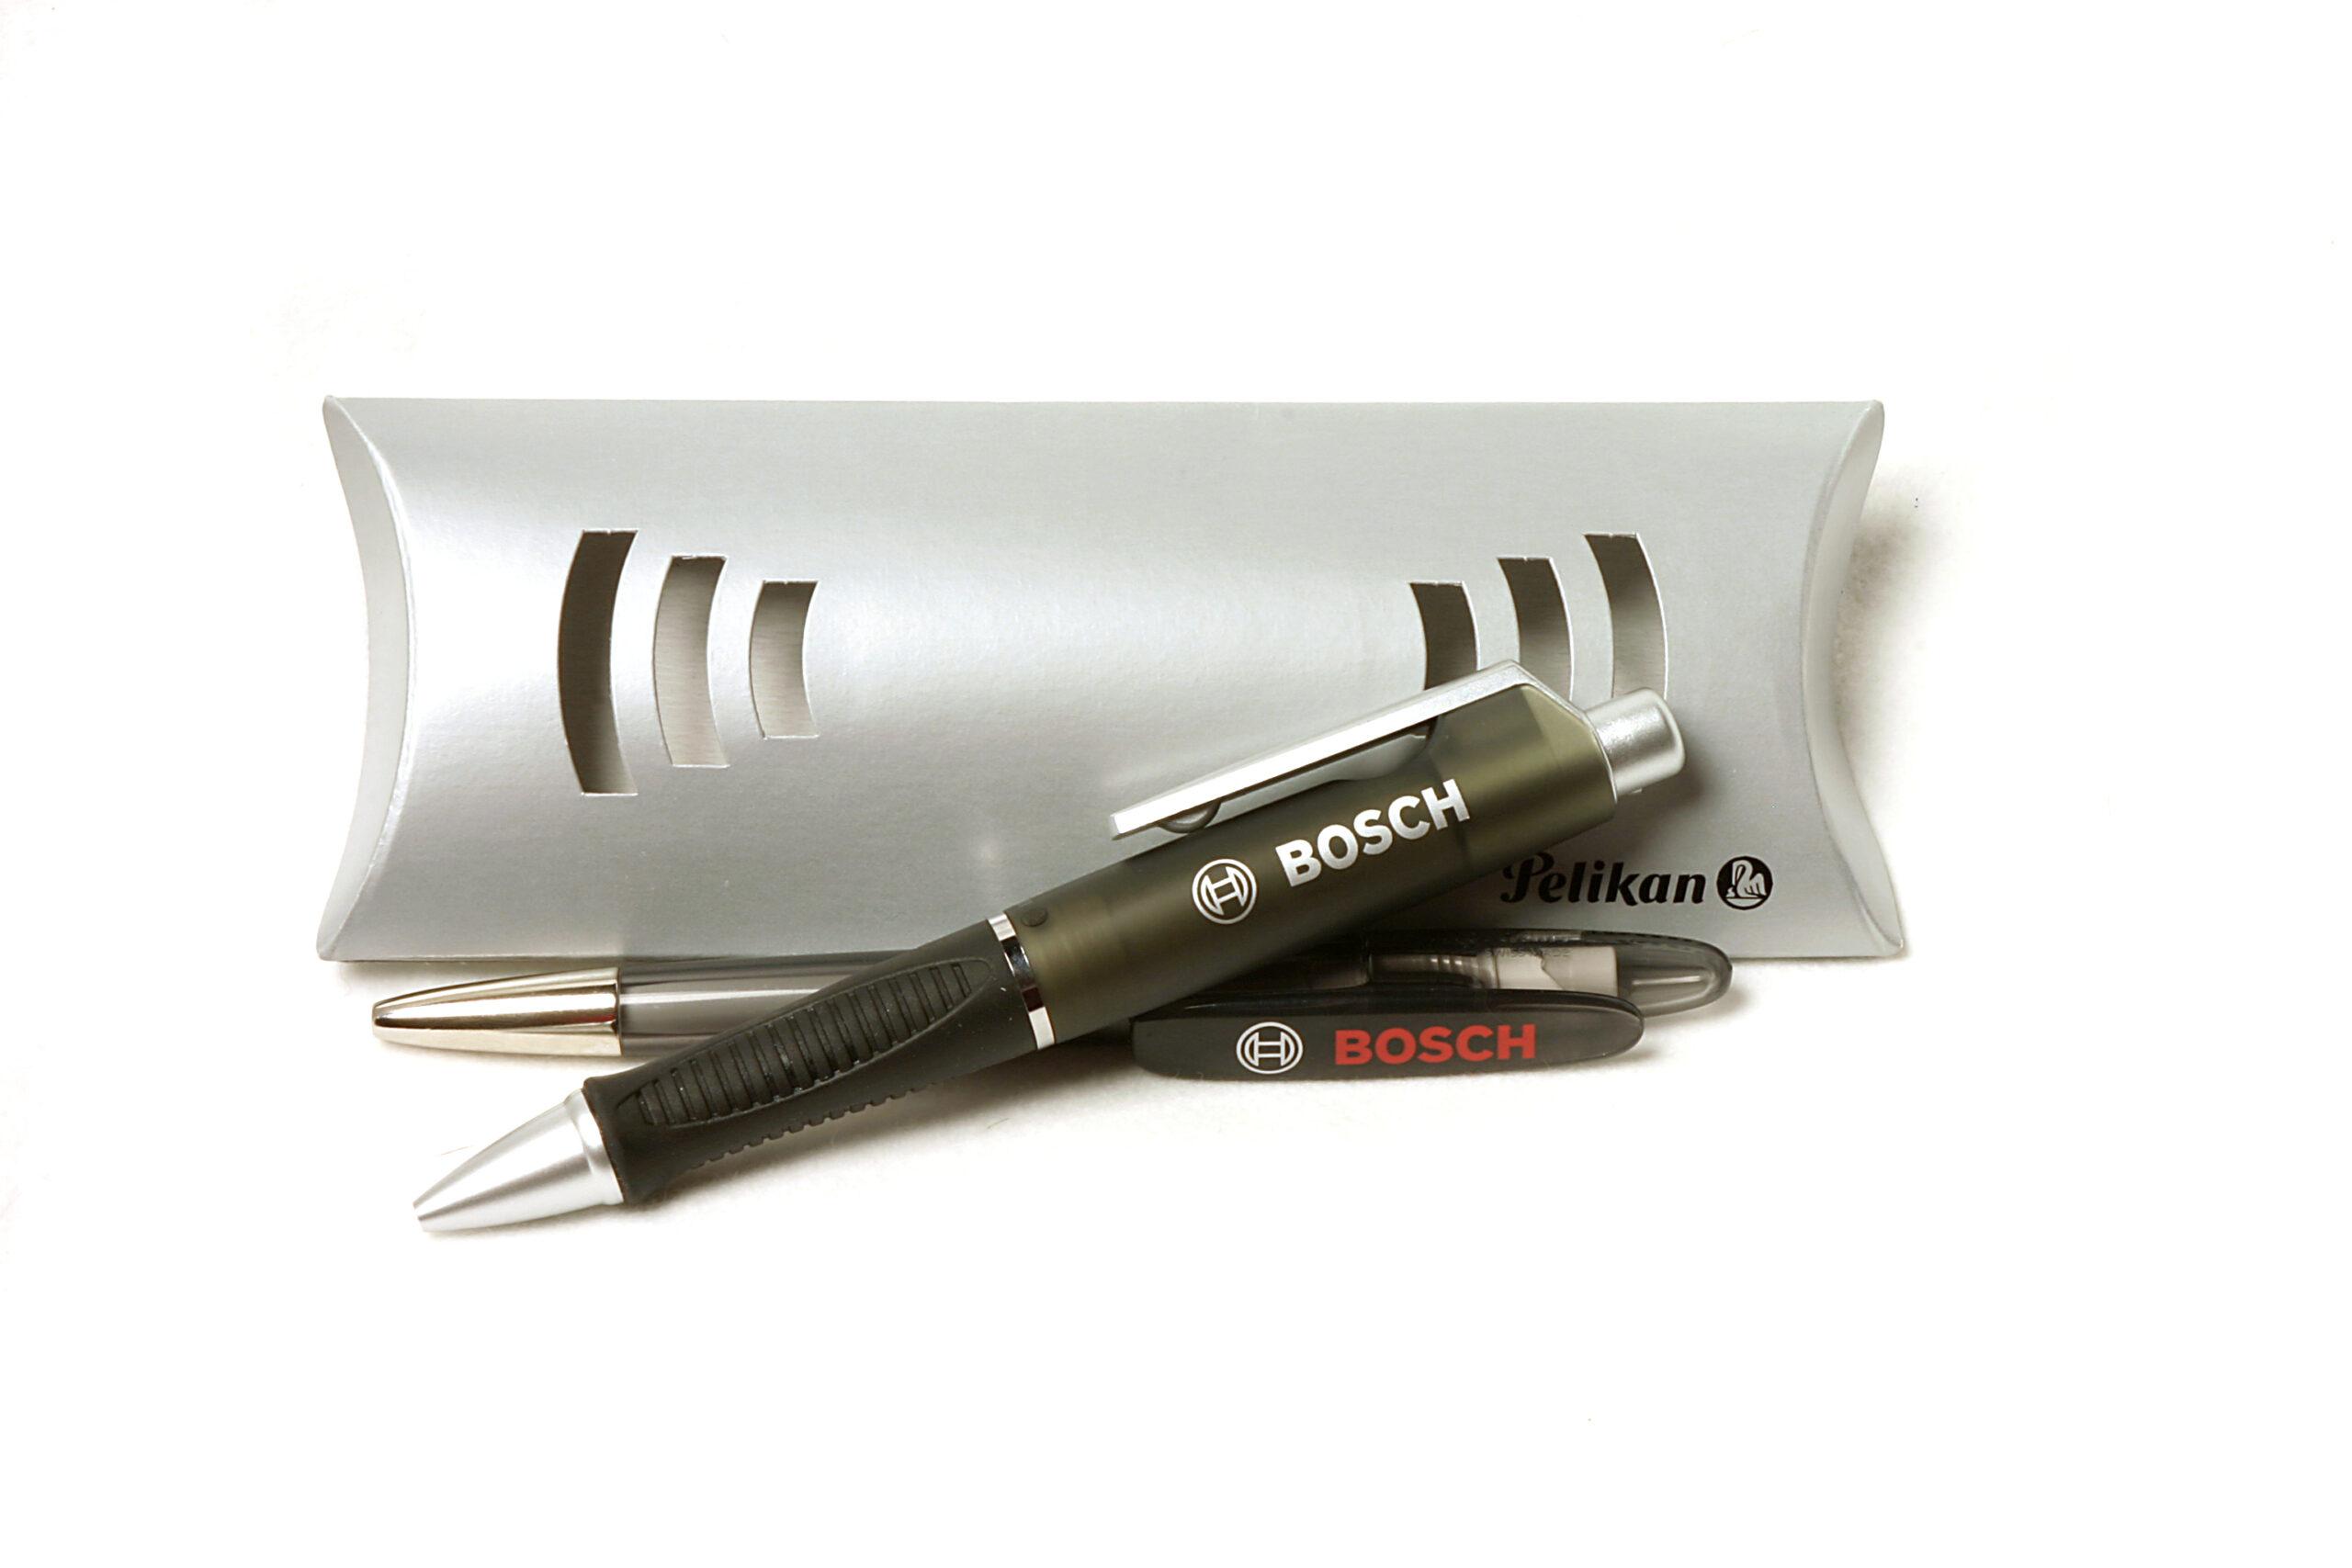 kugelschreiber3